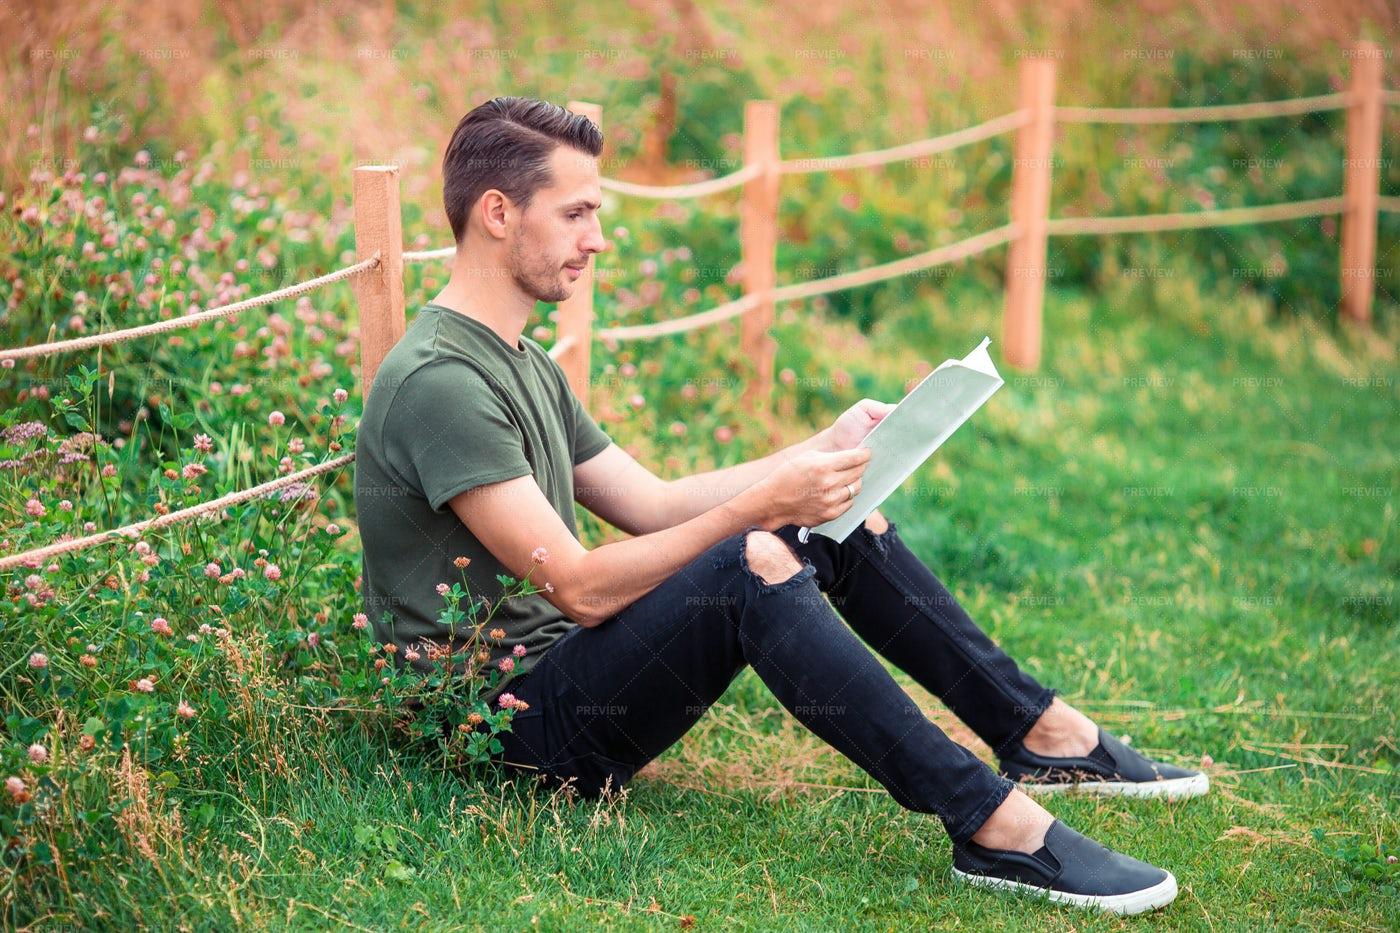 Man Reading A Book In A Park: Stock Photos